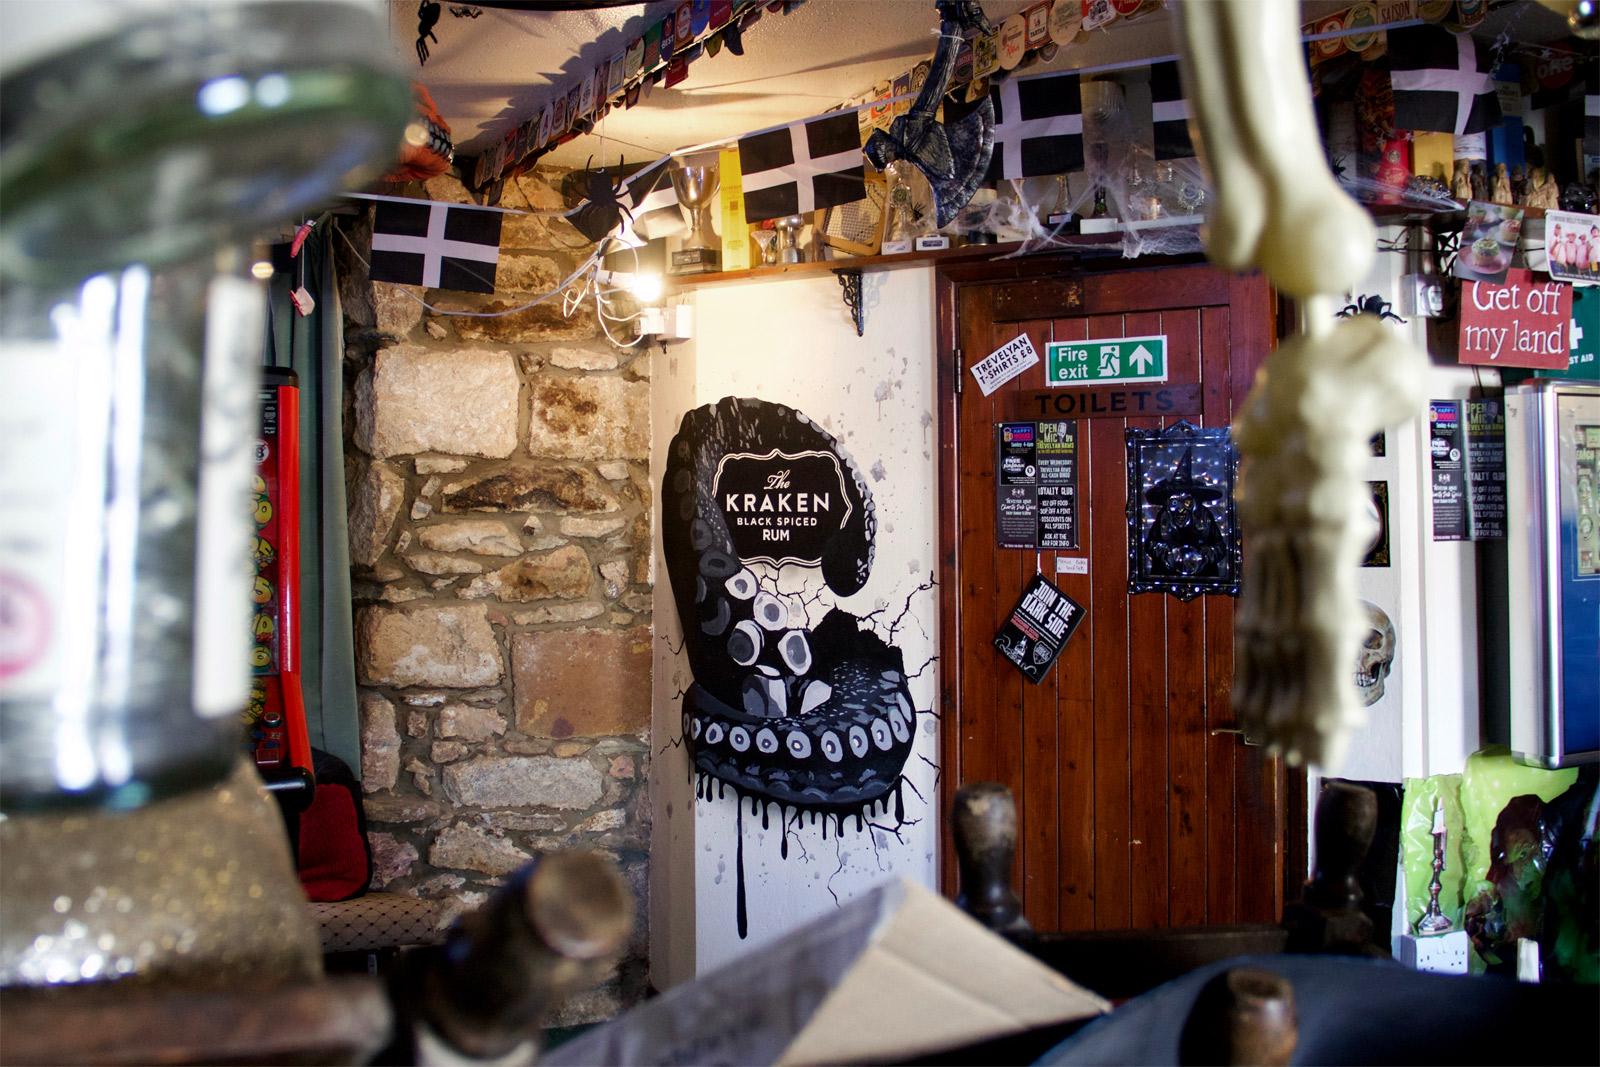 kraken-rum-mural-penzance